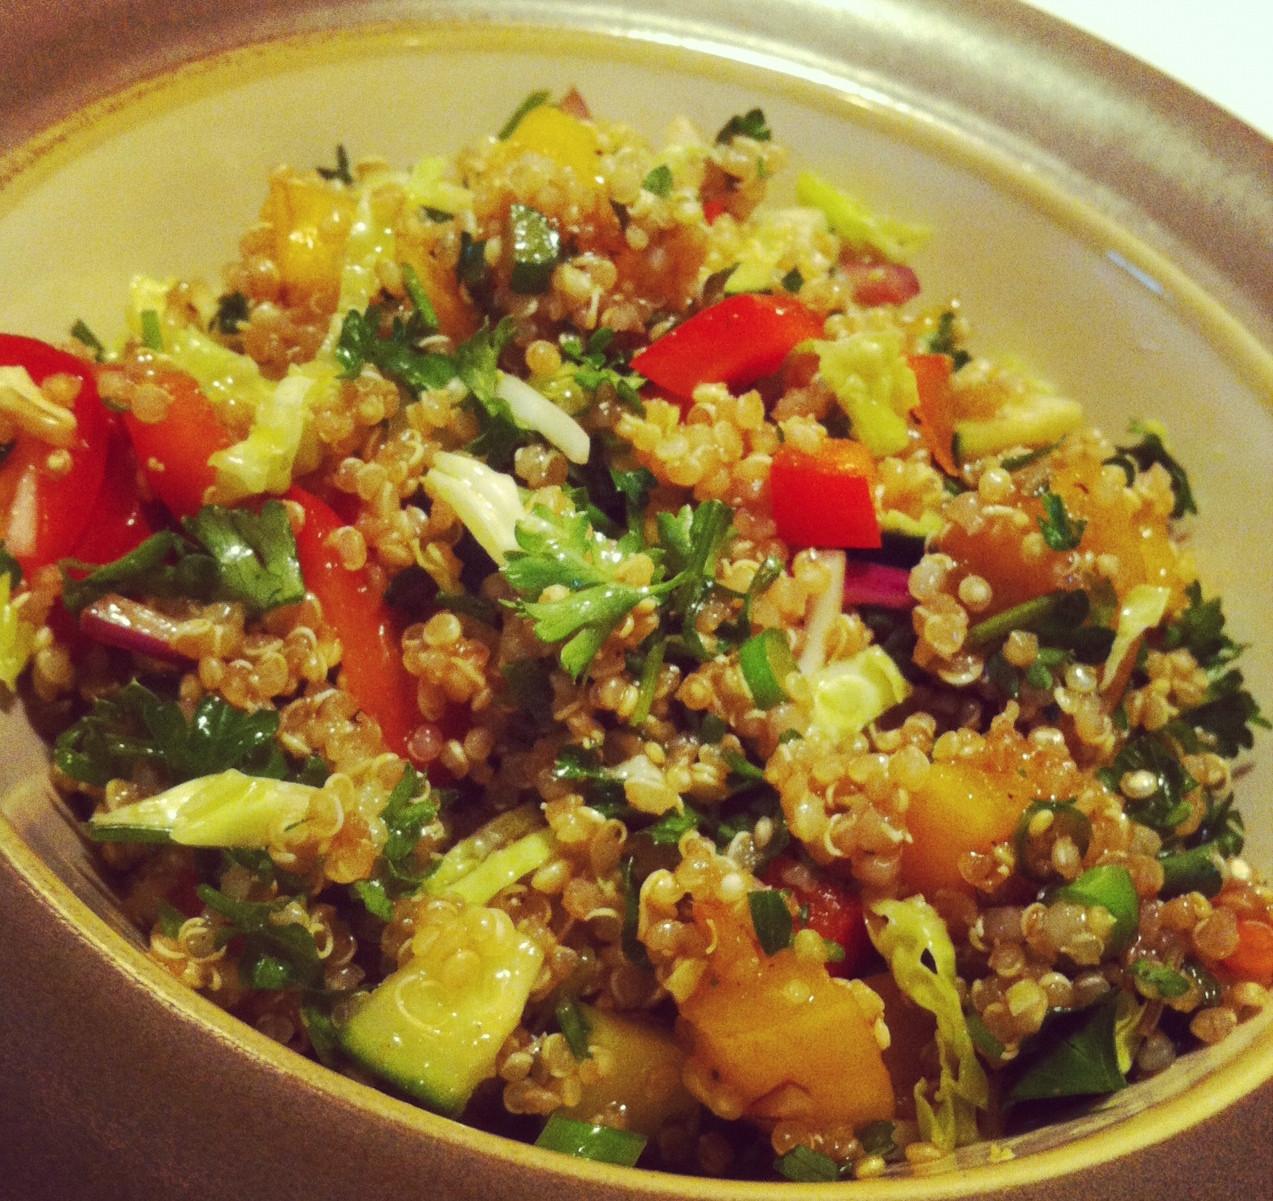 Quinoa Salad Recipes Healthy  Quinoa Salad Healthy Recipes Clear Path Chiropractic